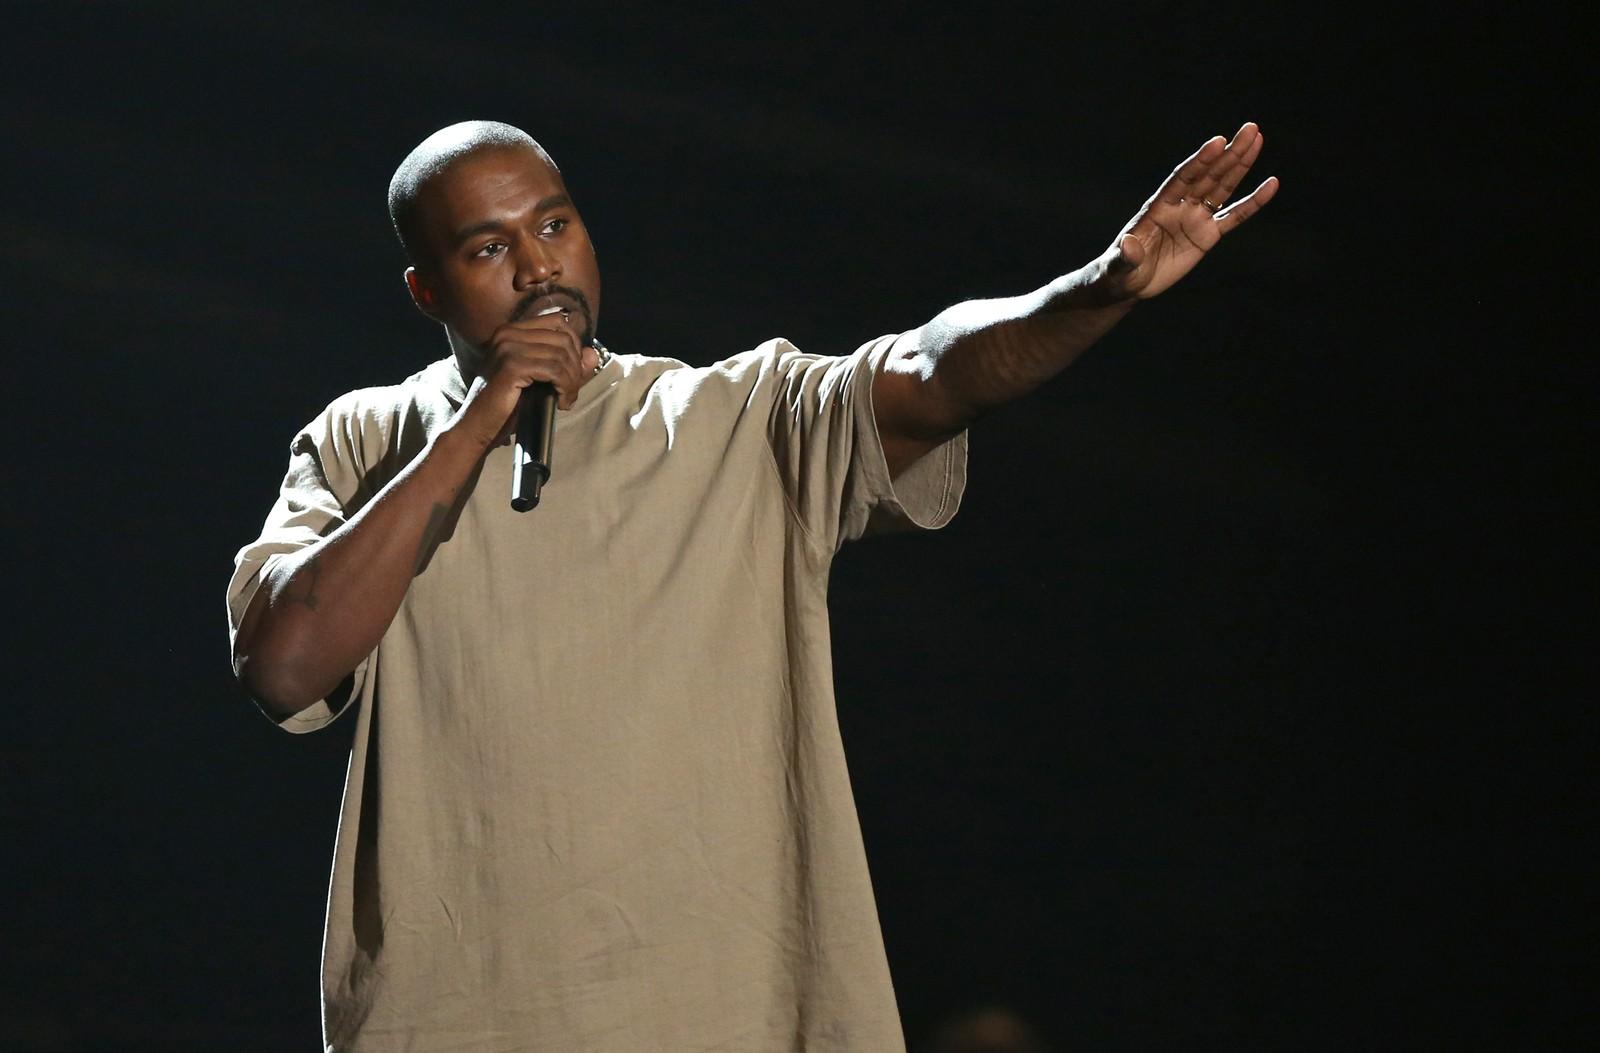 Rapperen Kanye West benyttet anledningen under MTV Video Music Awards til å annonsere at han ønsker å stille som presidentkandidat i USA i 2020.